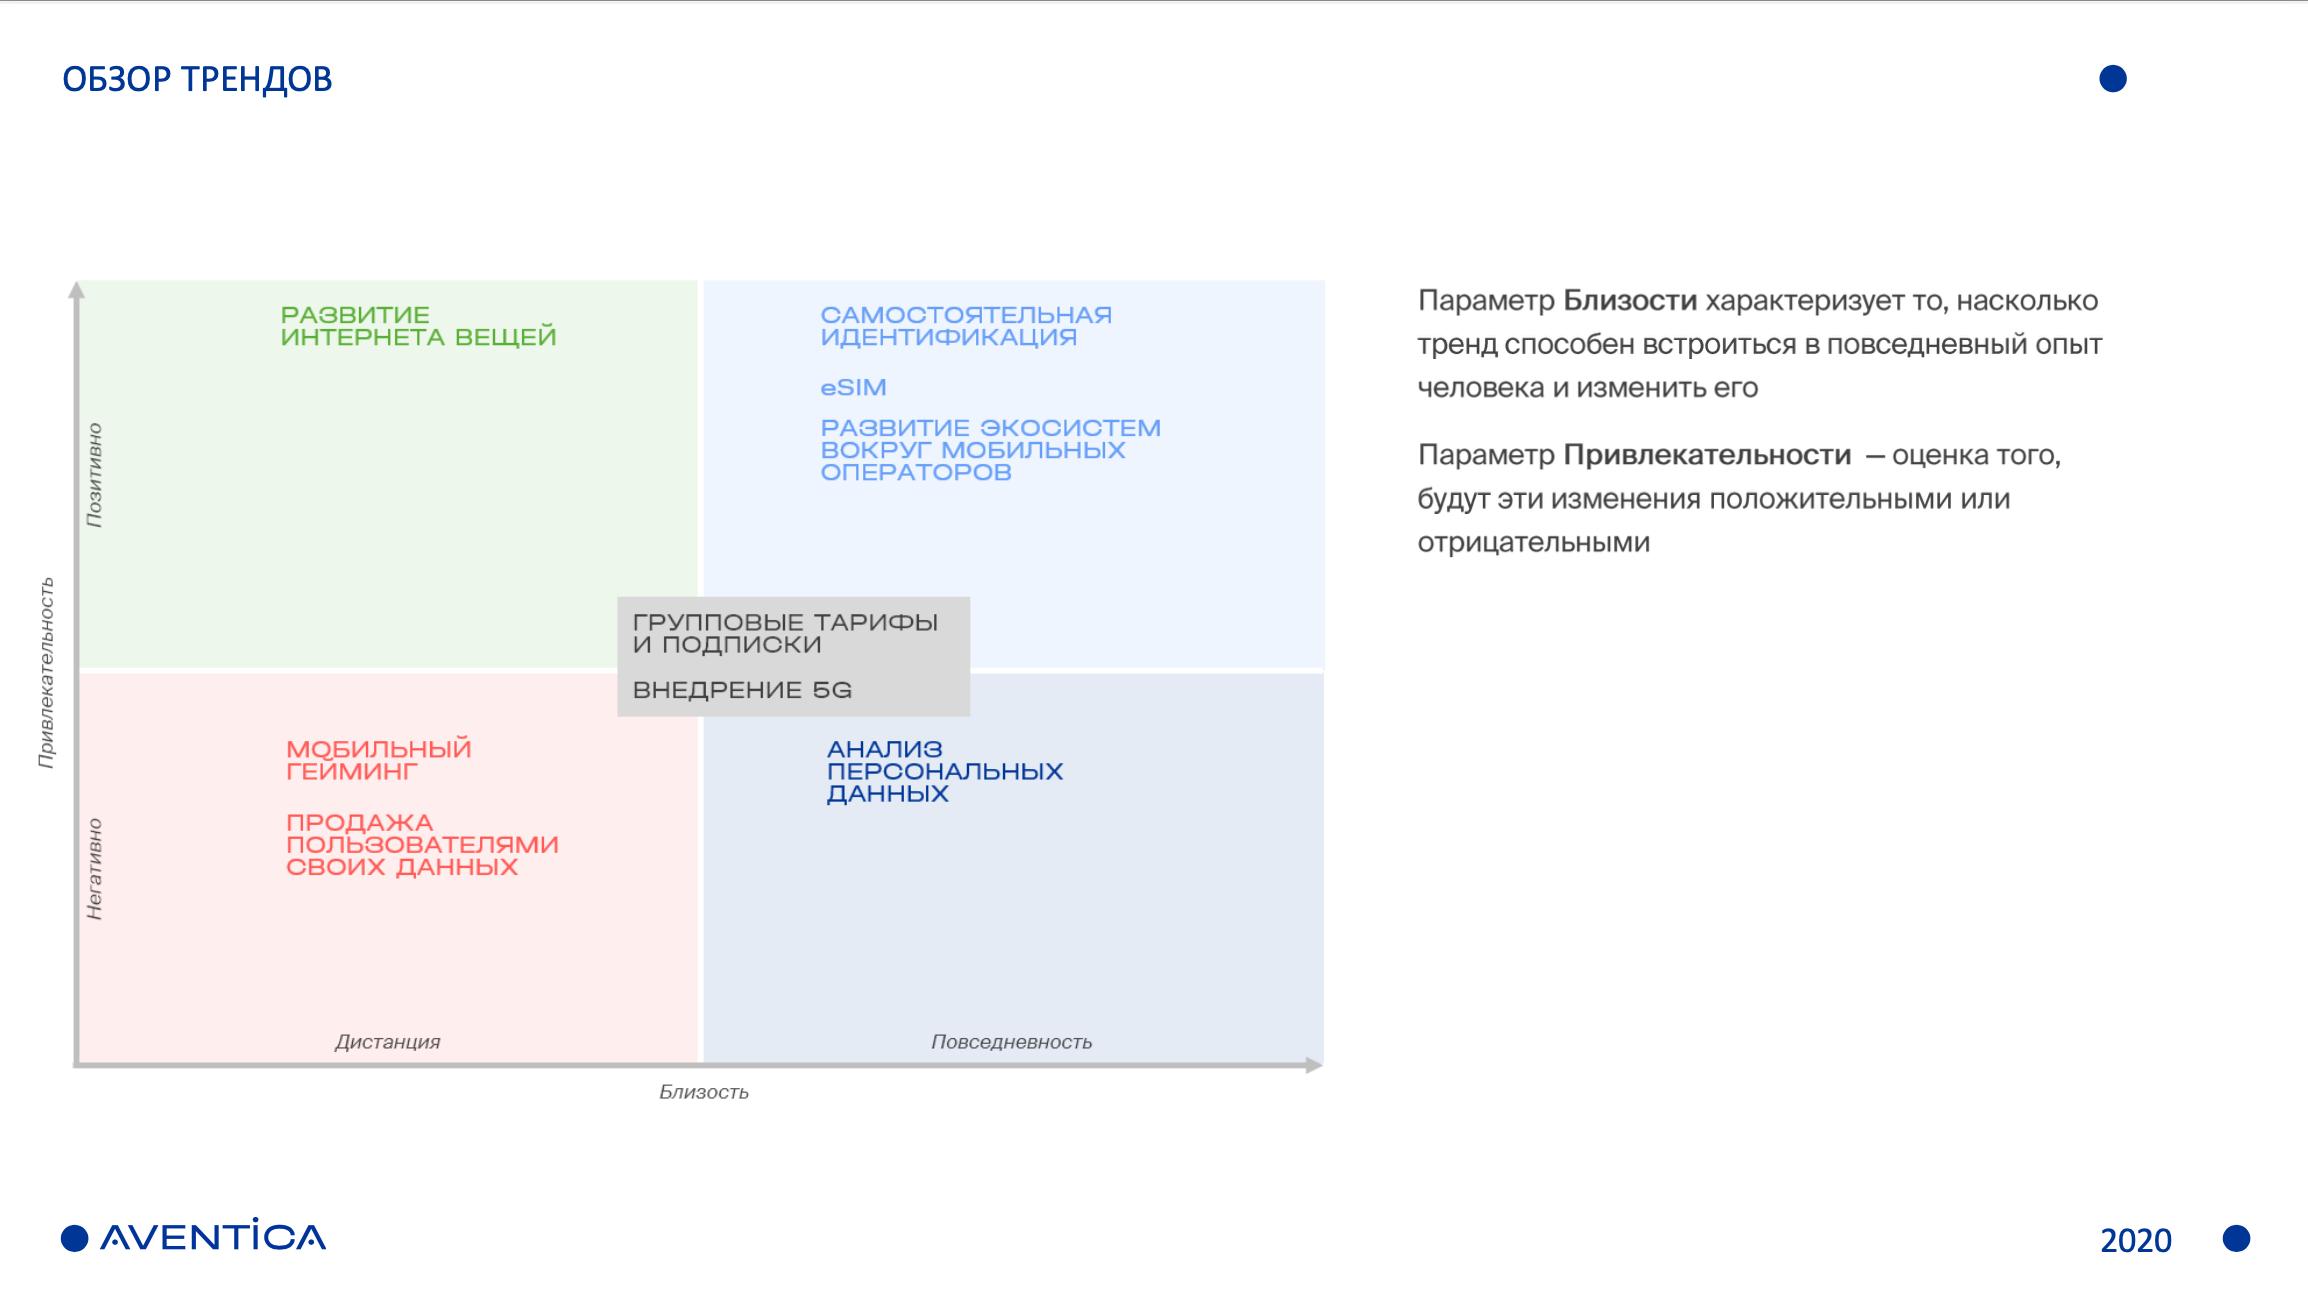 Пример карты трендов в категории «Телекоммуникации»